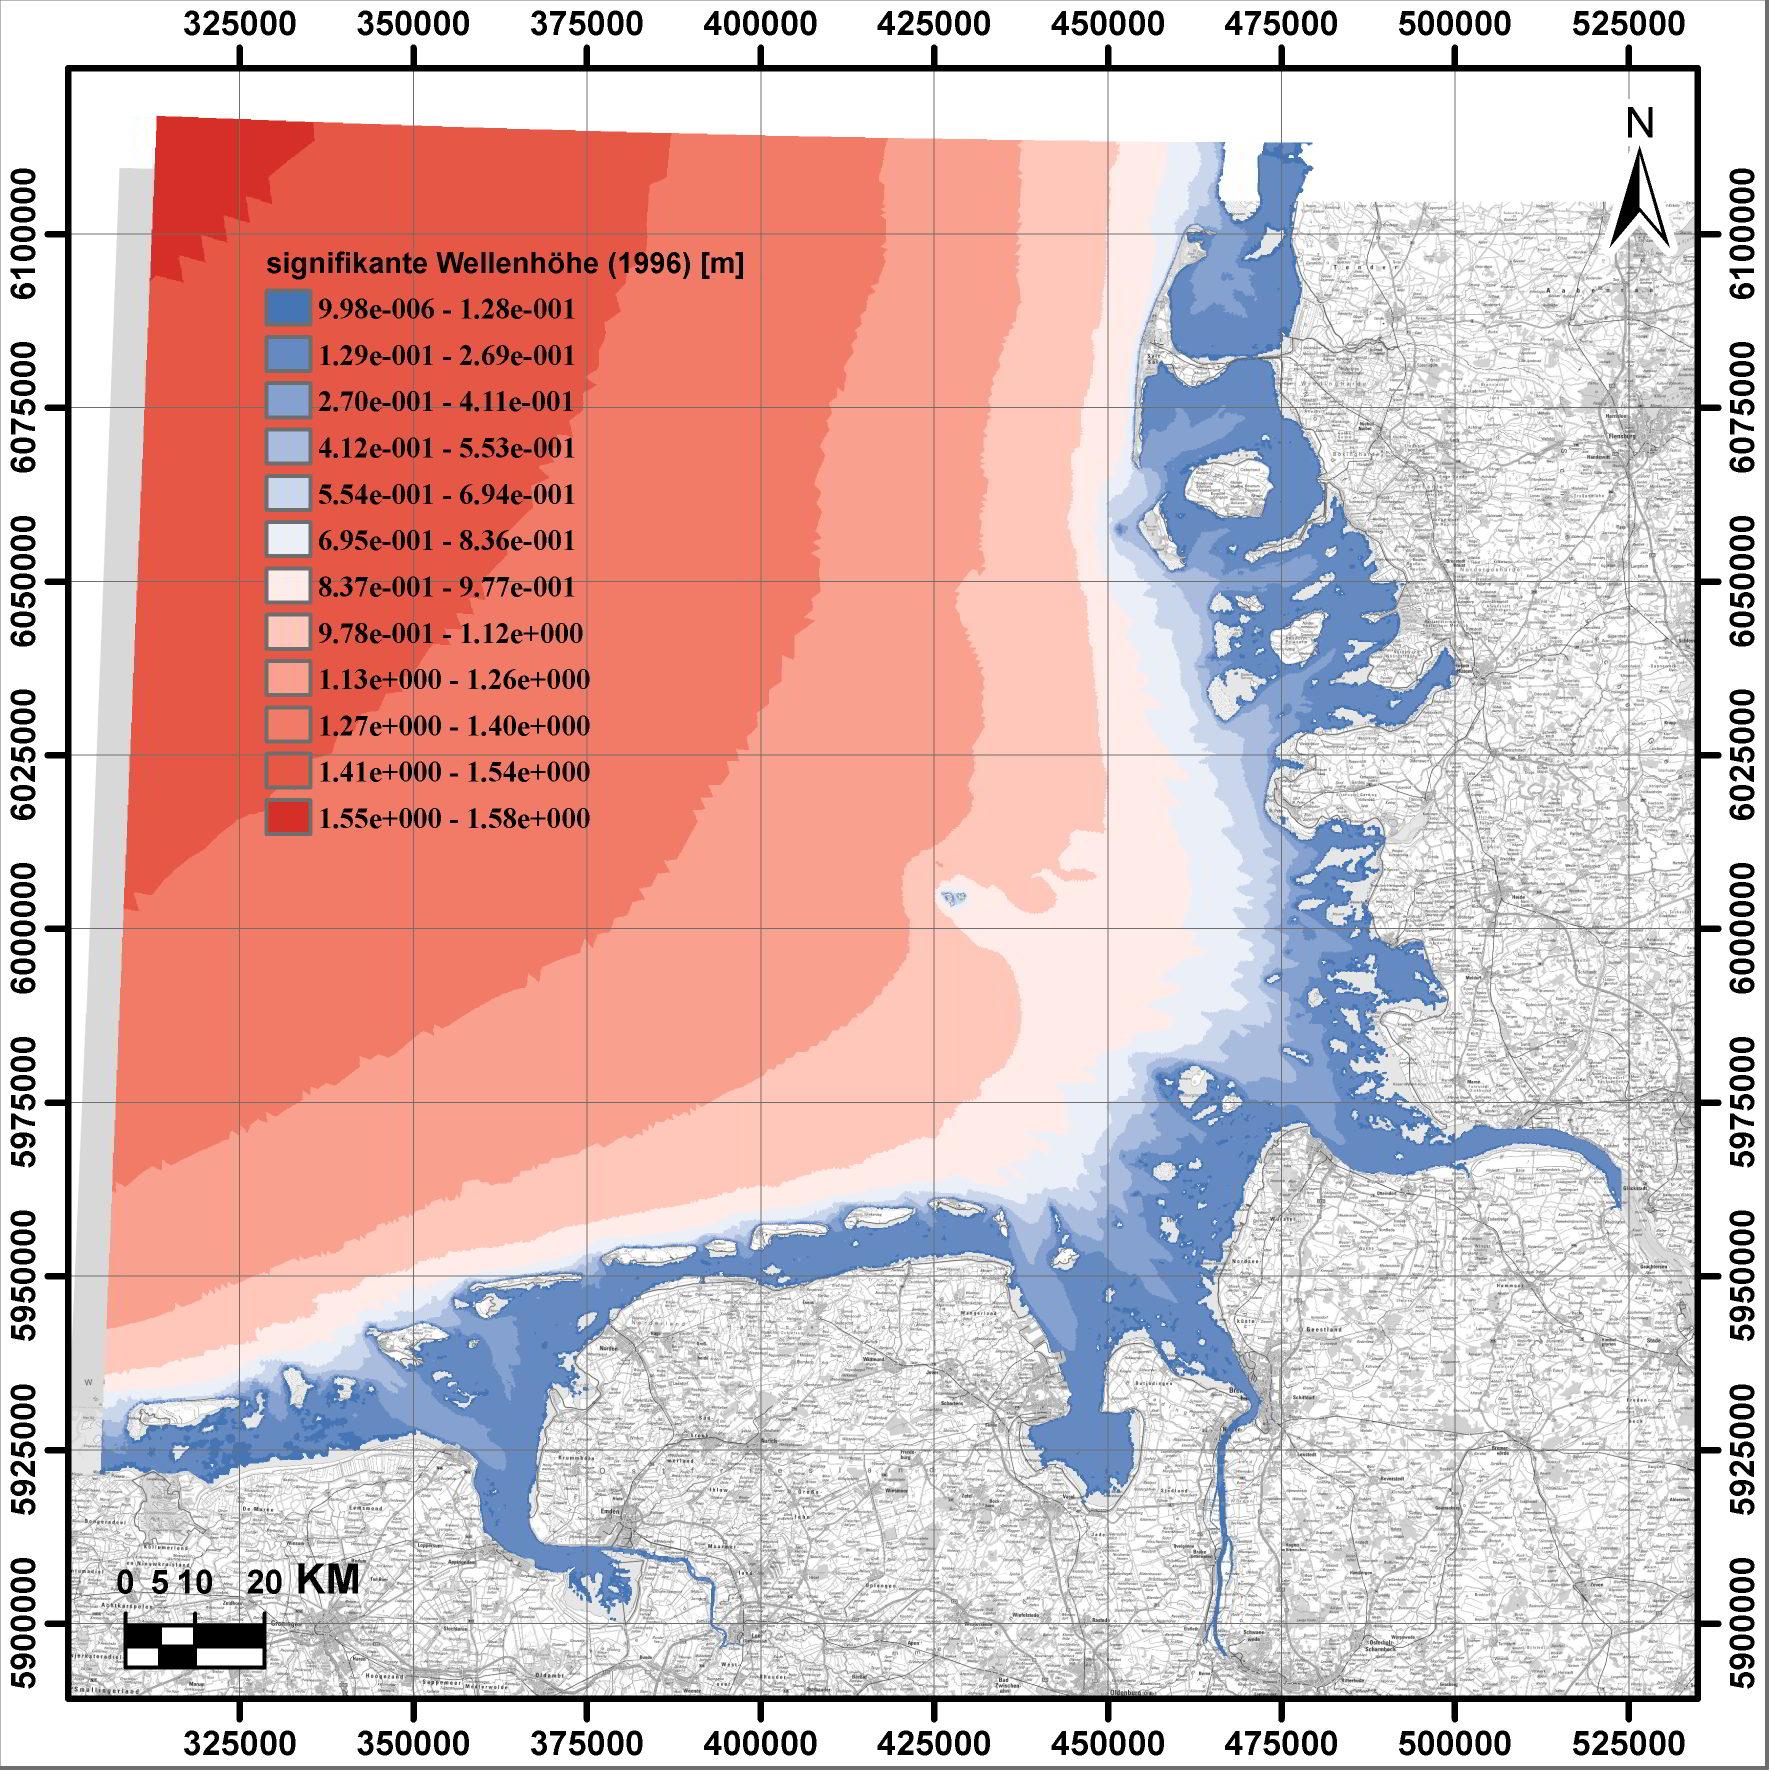 Beispielhafte Darstellung der mittleren signifikanten Wellenhöhefür das Jahr 1996